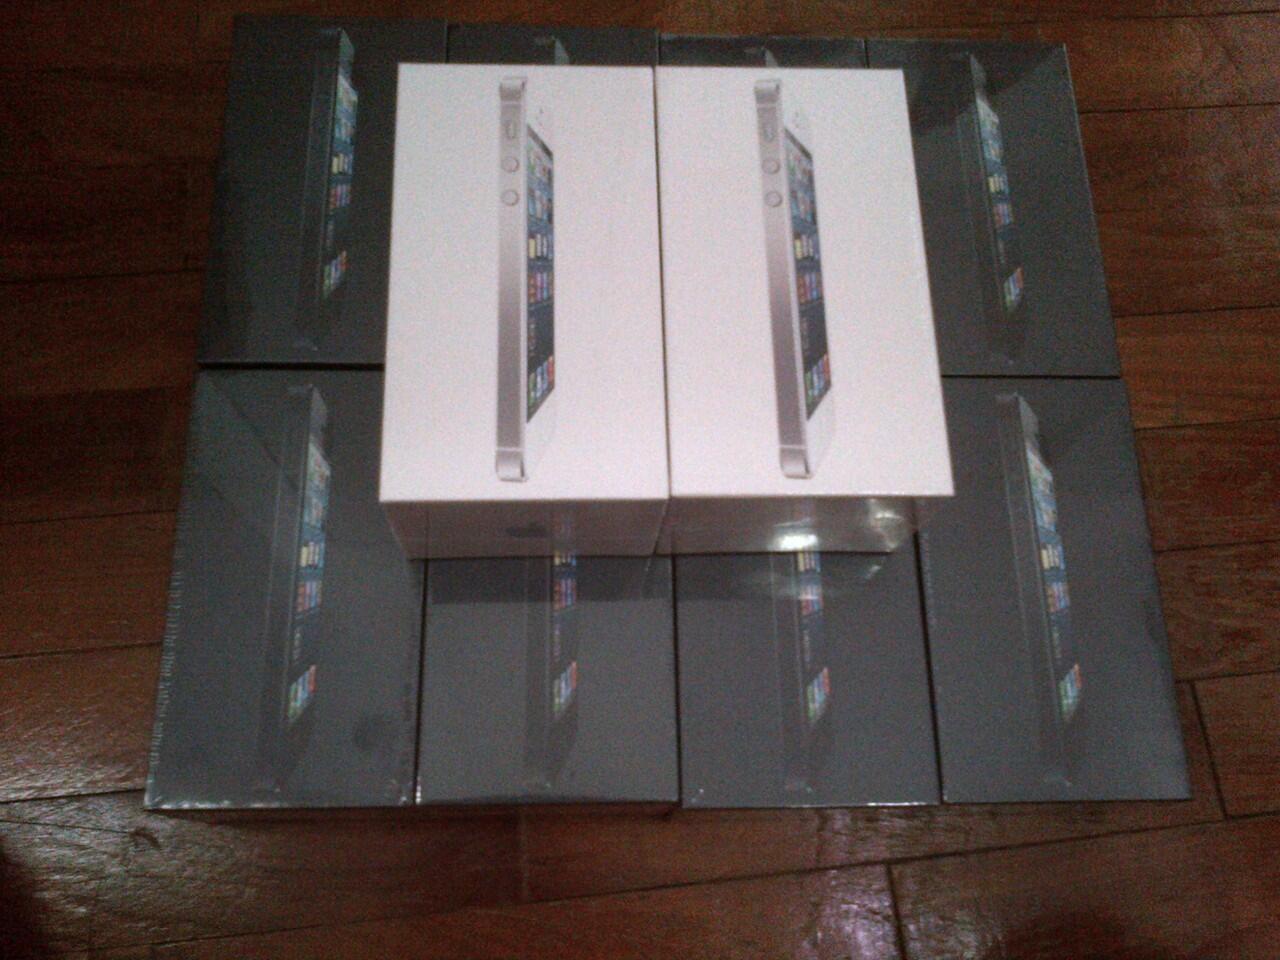 Jual Apple iPhone TERMURAH garansi 1 tahun COD jabodetabek